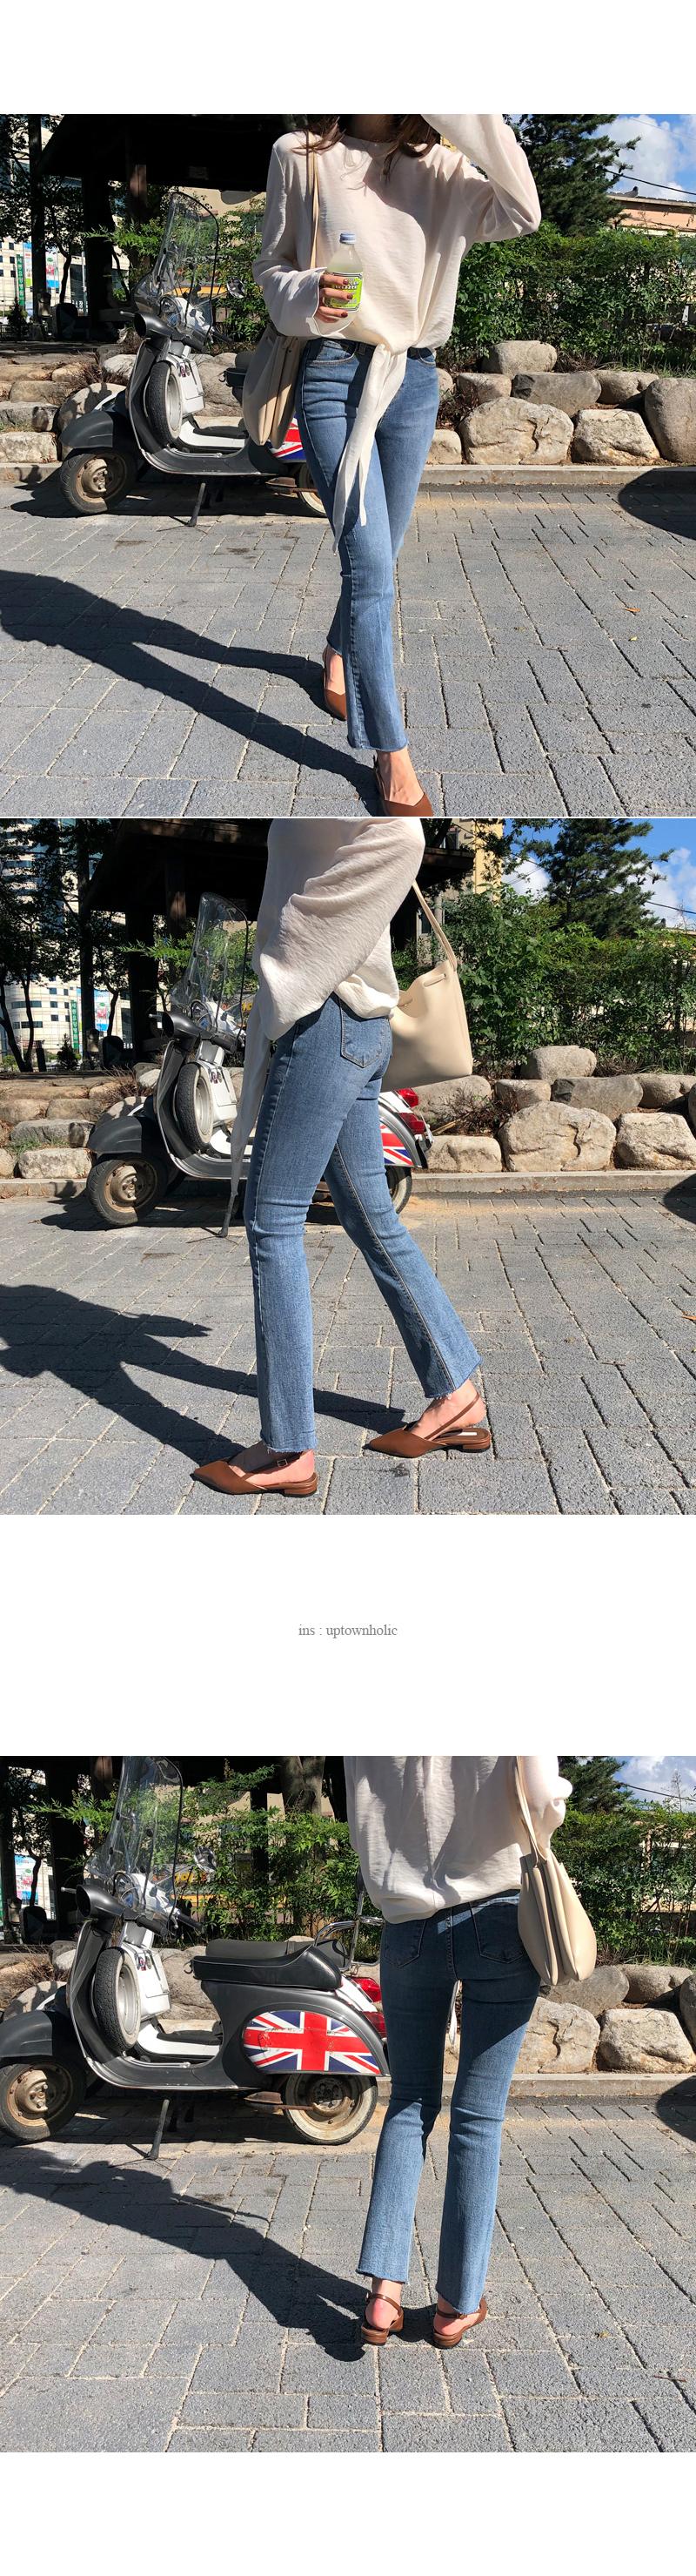 Delhi pants